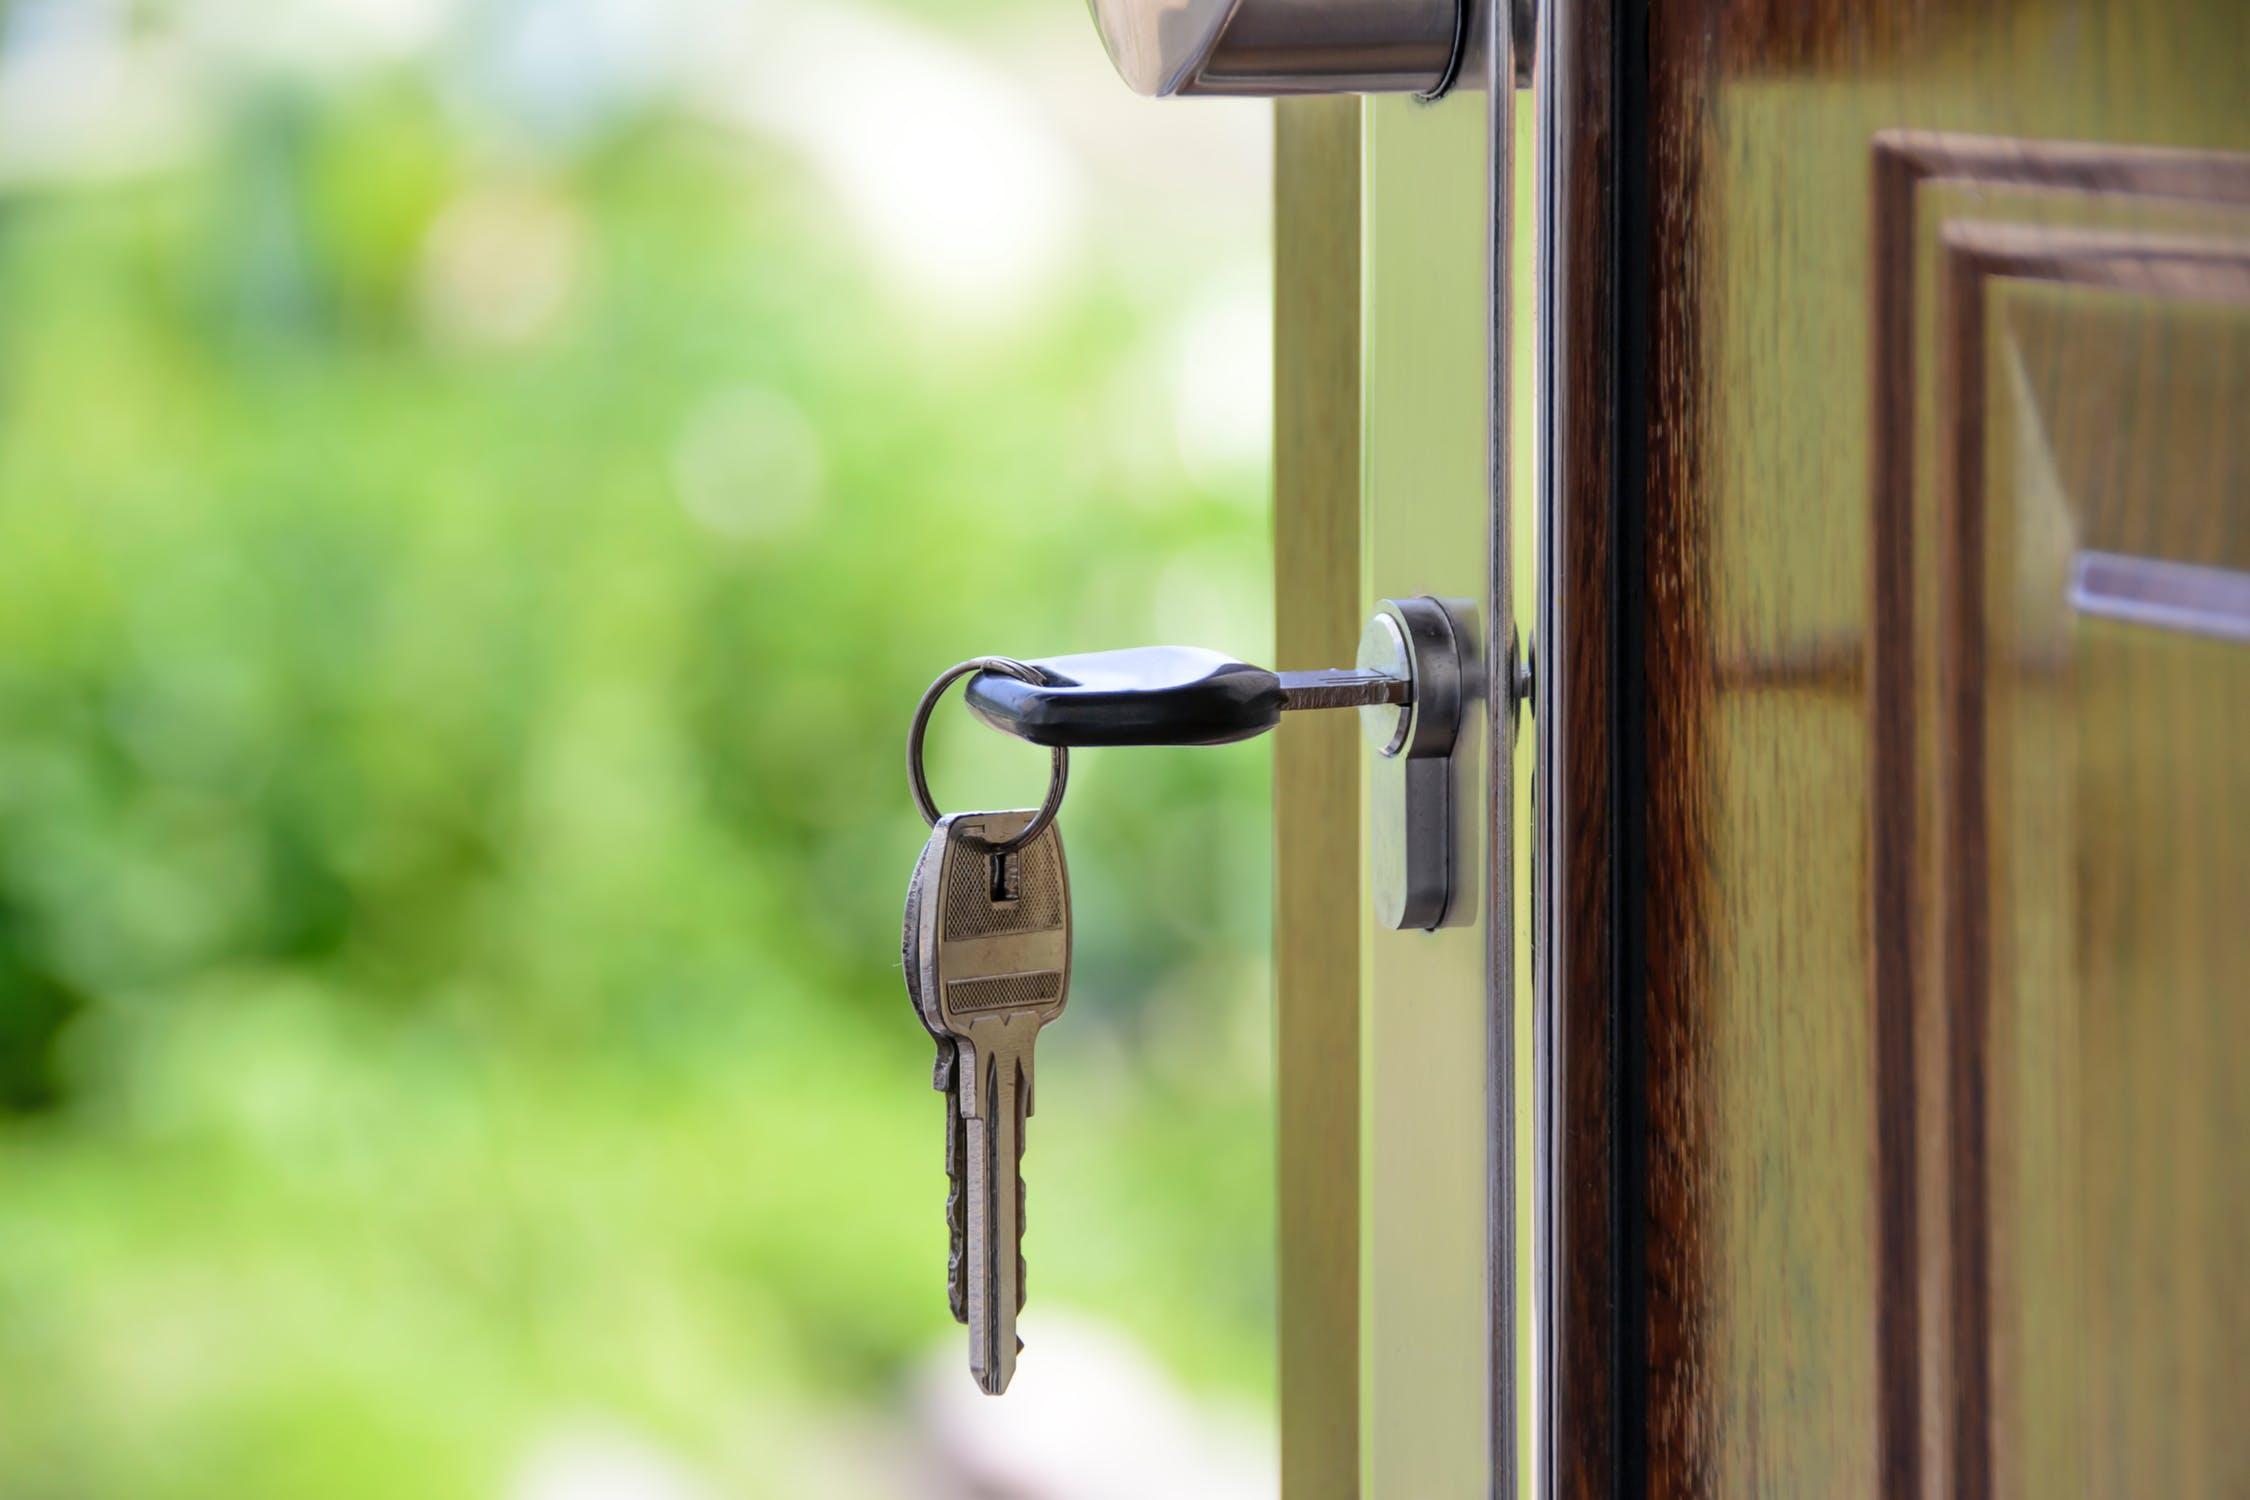 klucz w drzwiach na tle zieleni